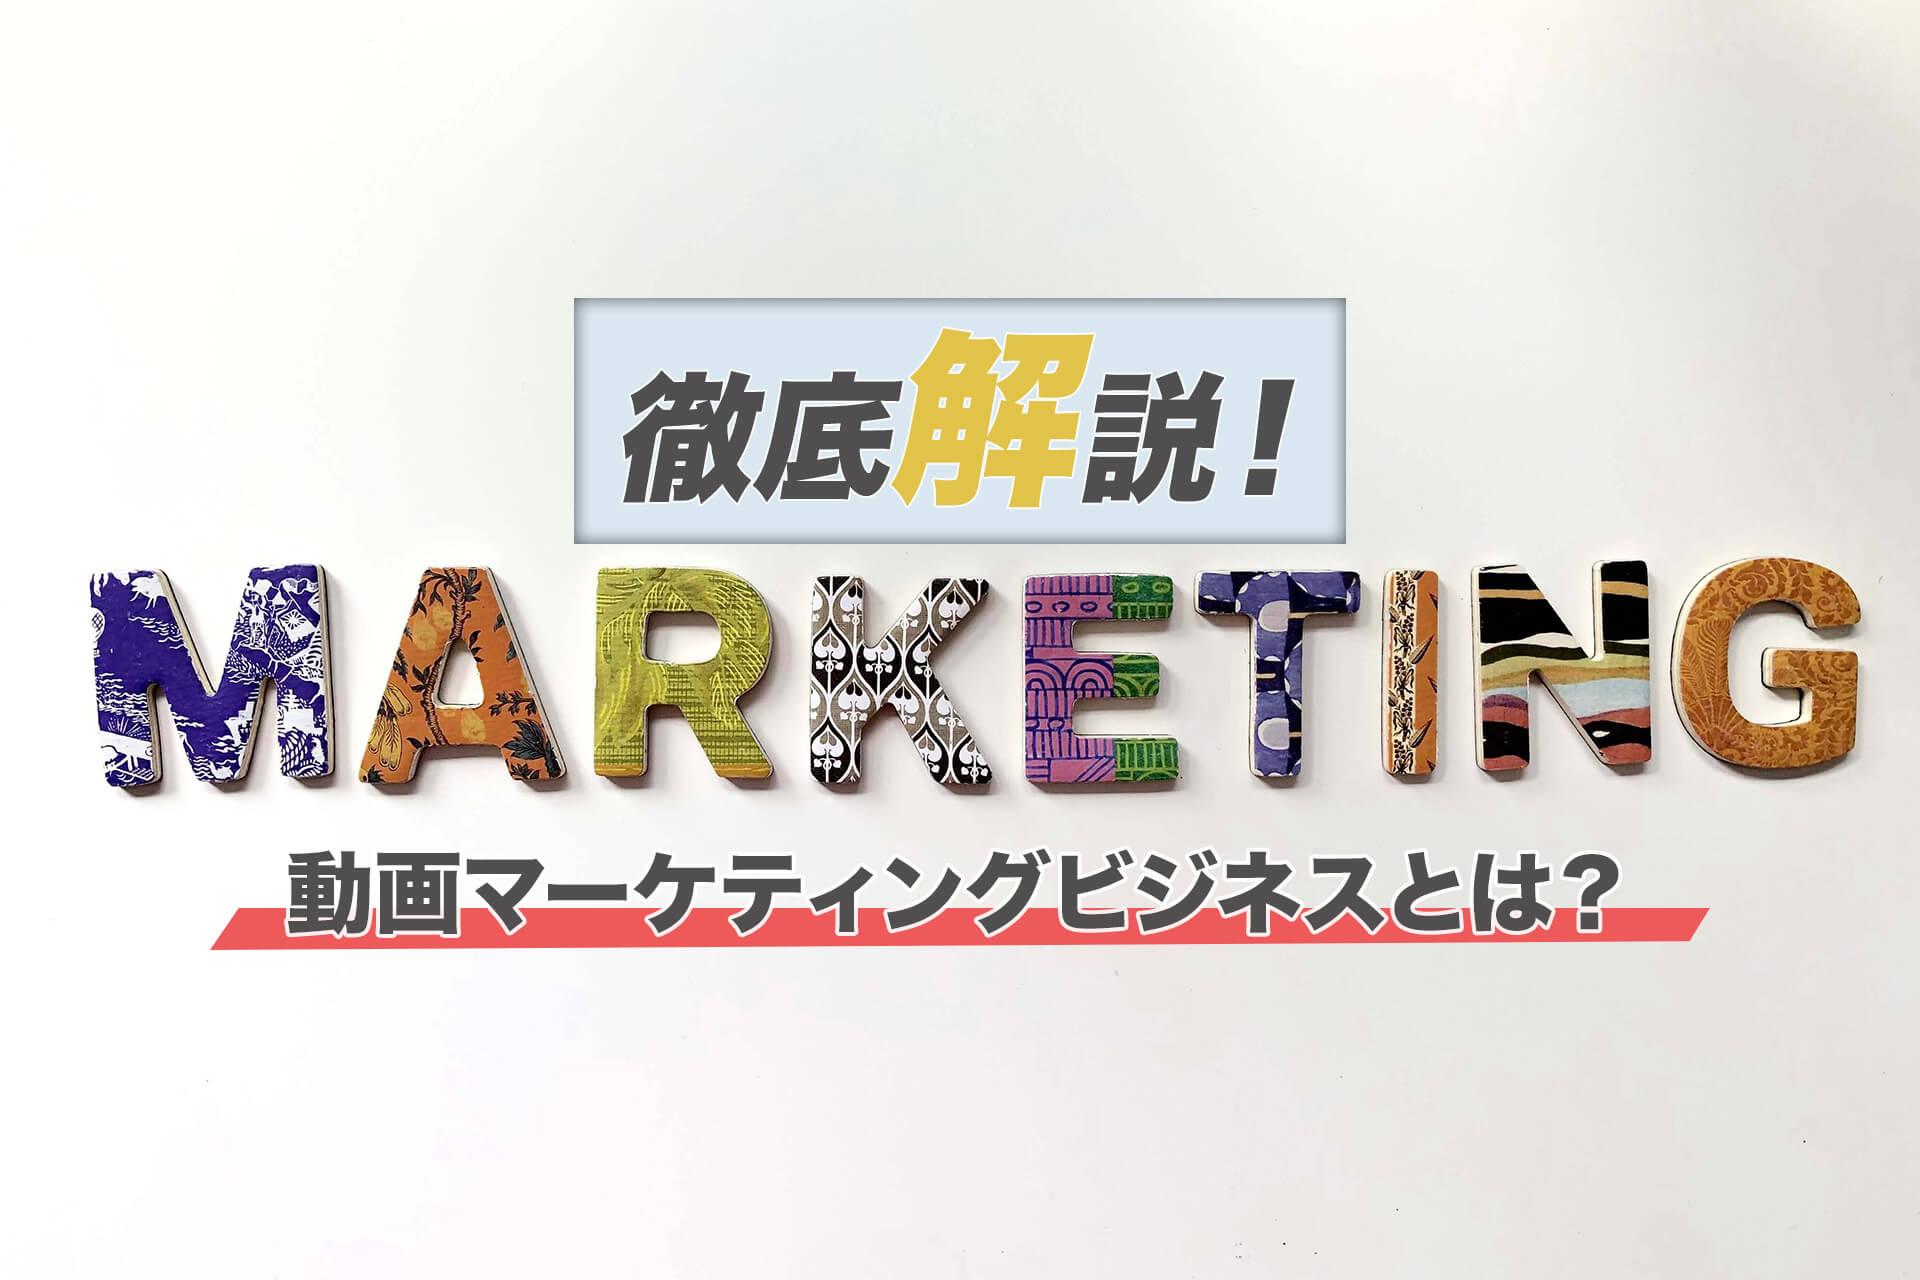 【徹底解説】「動画マーケティングビジネス」とは?